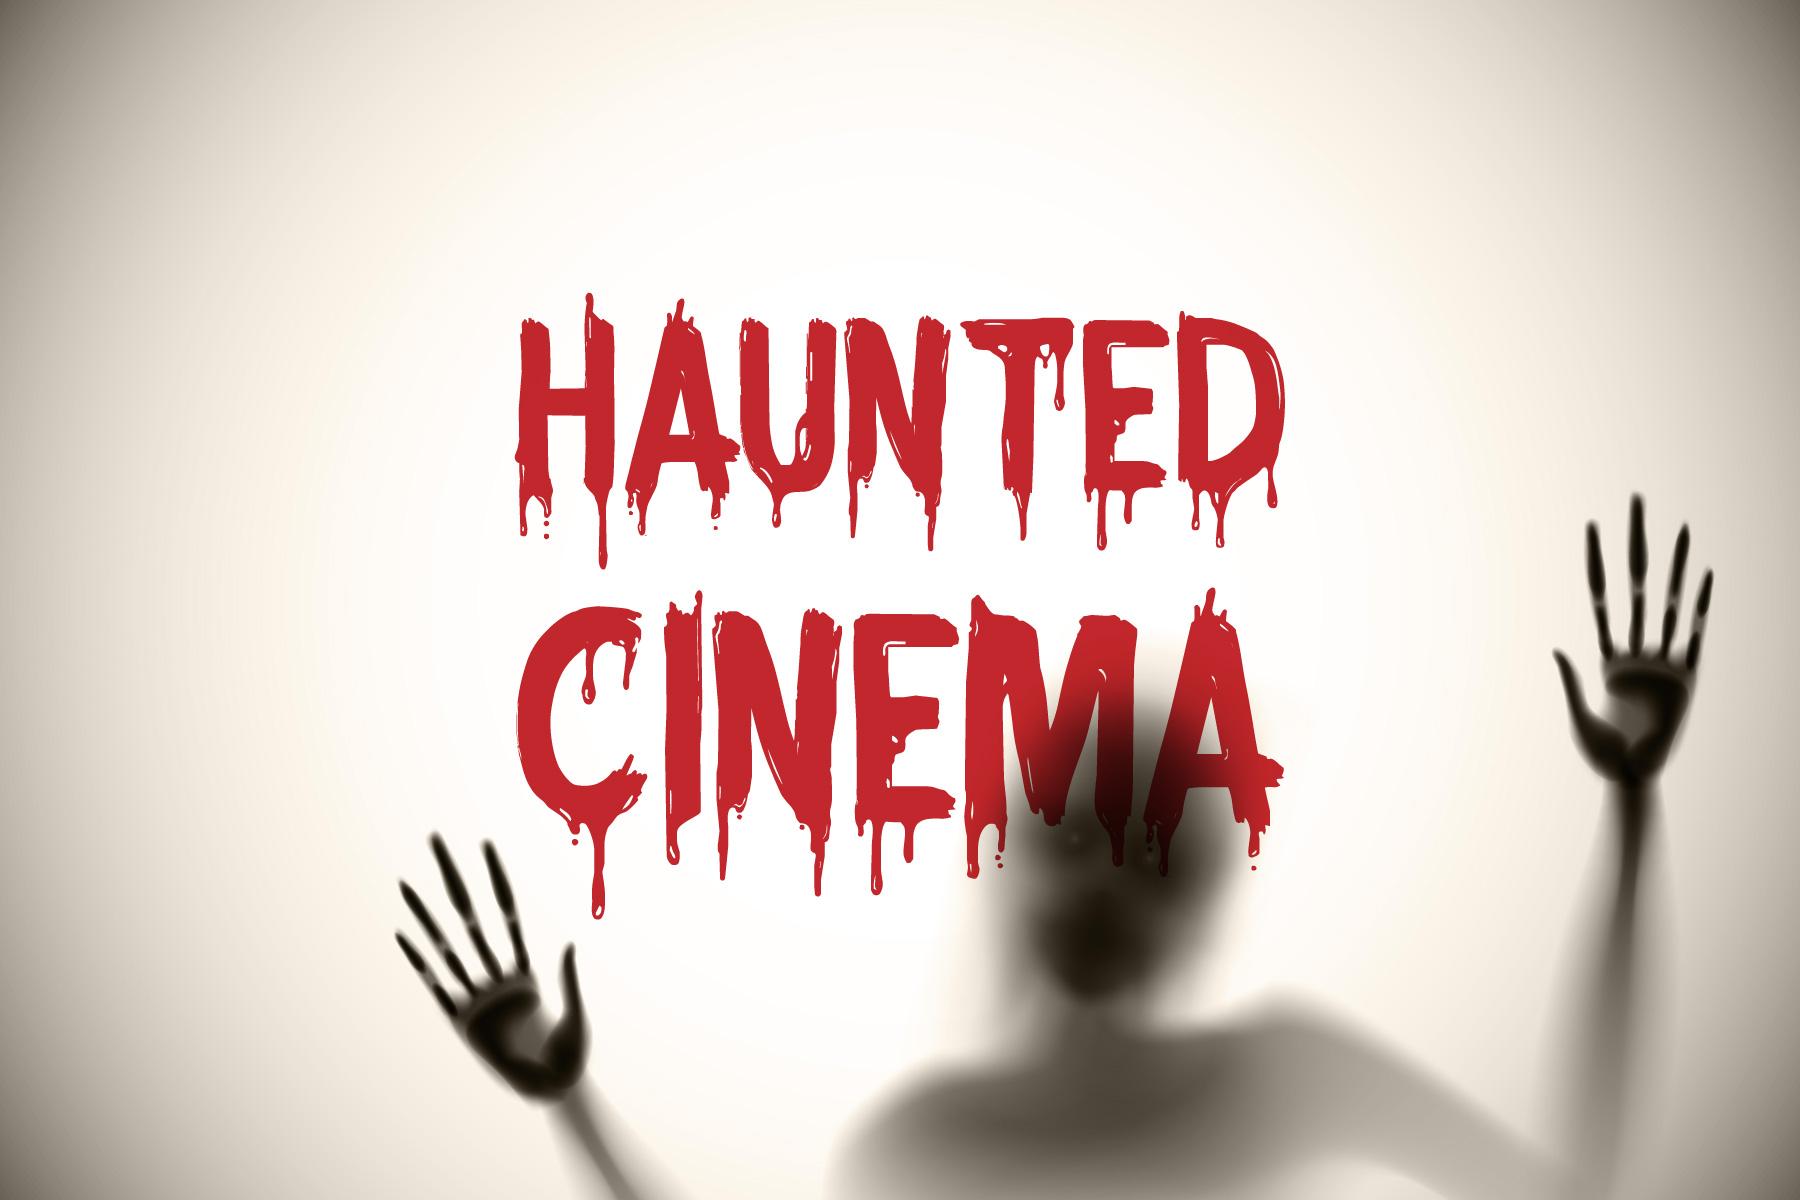 hauntedcinema_img01